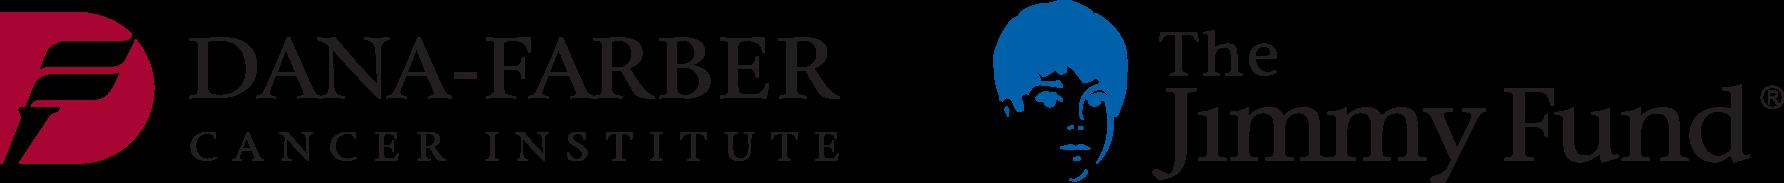 Dana-Farber Cancer Insitute